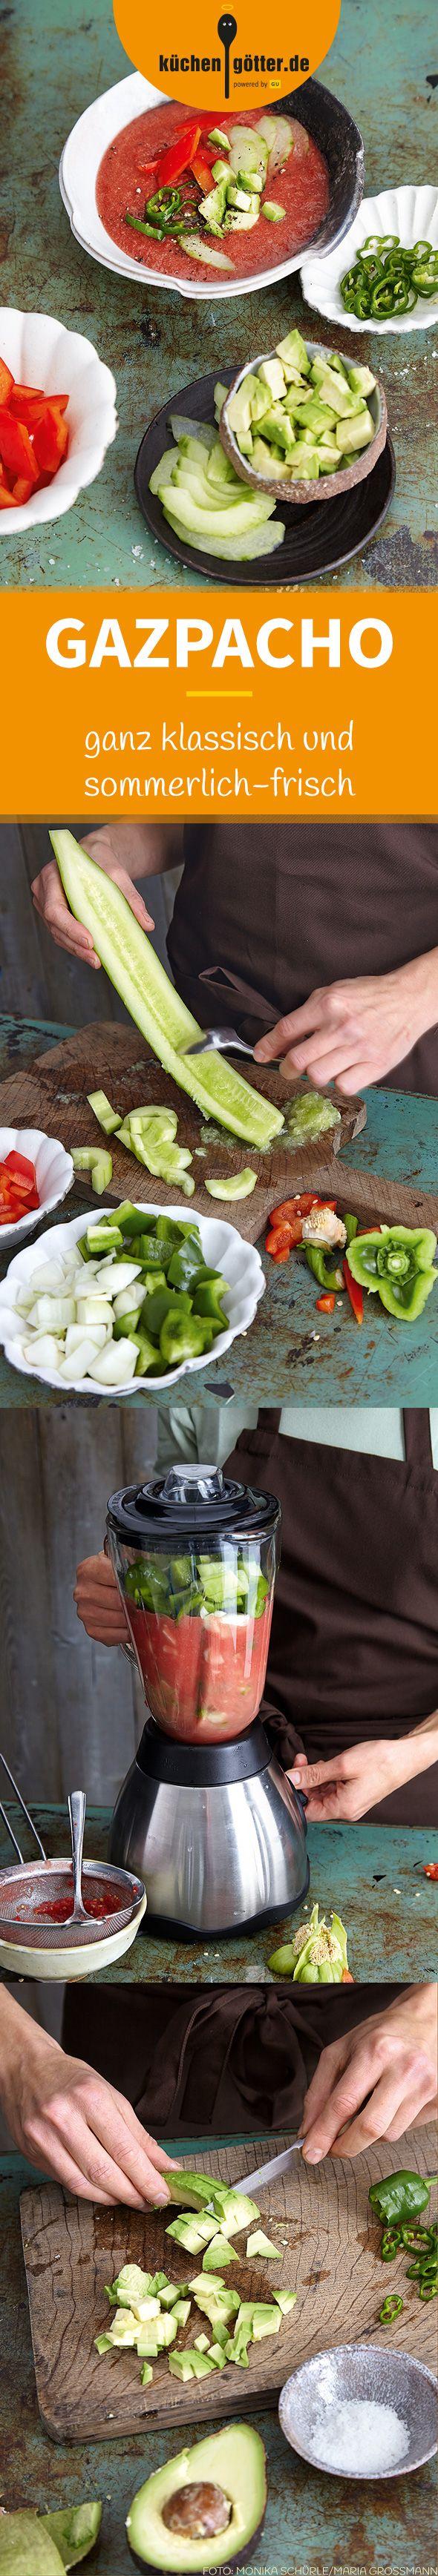 KLASSISCHE GAZPACHO - Ein Sommer ohne Gazpacho? Für uns undenkbar. Die kalt servierte Gemüsesuppe gehört einfach zur Sommerküche dazu. Ihr könnt sie auch mit Staudensellerie zubereiten und dafür die Avocado weglassen. Spart Kalorien und macht die Suppe noch einen Hauch erfrischender.